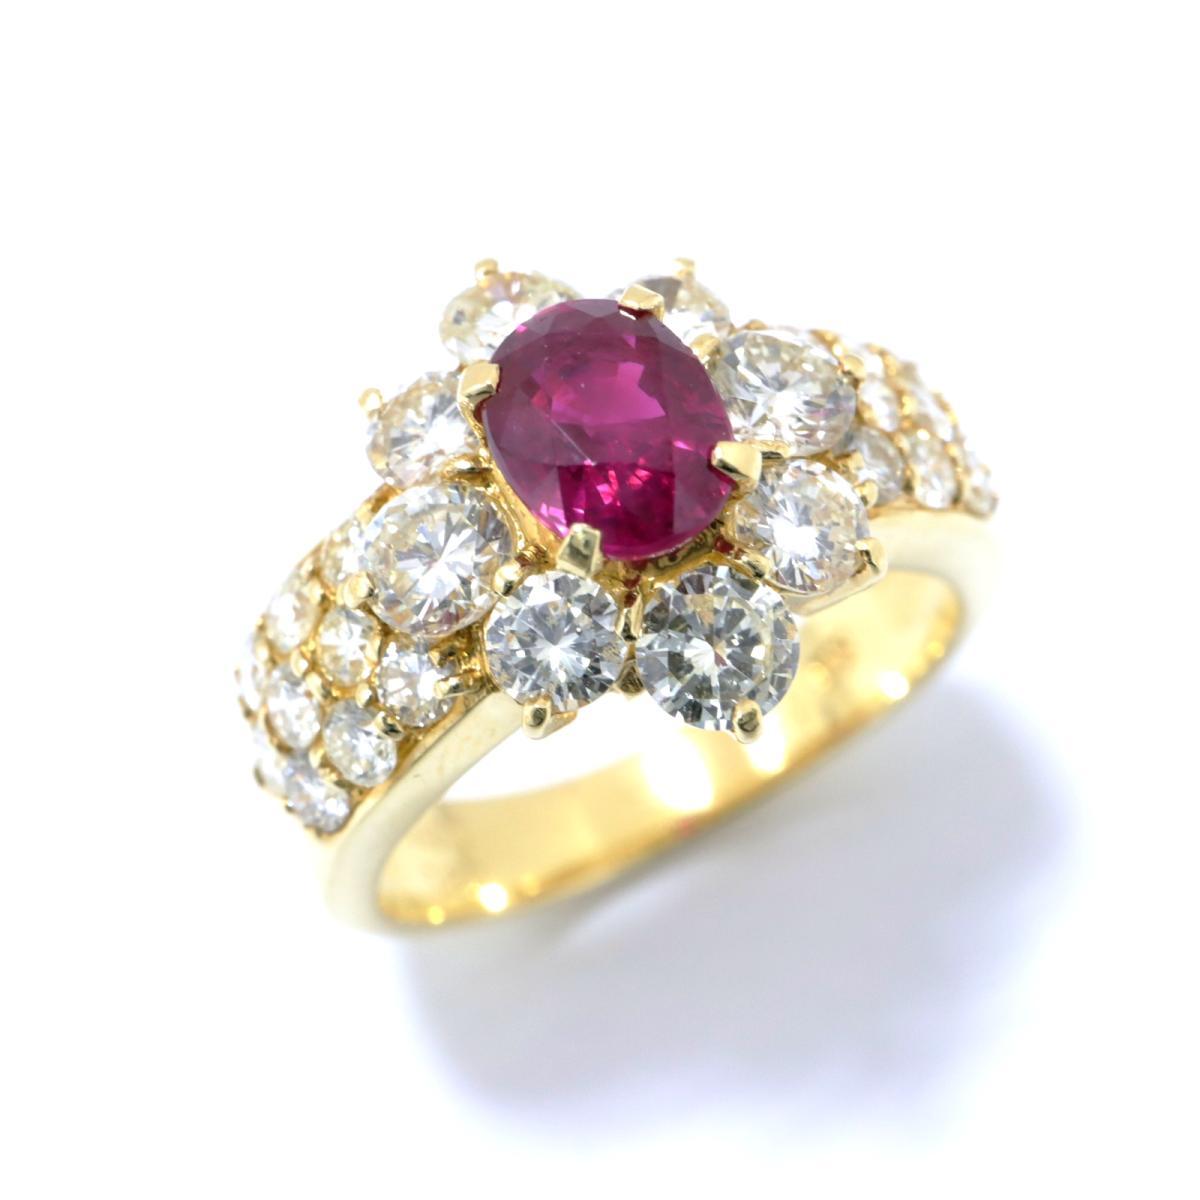 【中古】 ジュエリー ビルマ産 ルビー リング 指輪 レディース K18YG (750) イエローゴールド x (1.00ct) ダイヤモンド (1.80ct) レッド クリアー ゴールド | JEWELRY BRANDOFF ブランドオフ ブランド アクセサリー